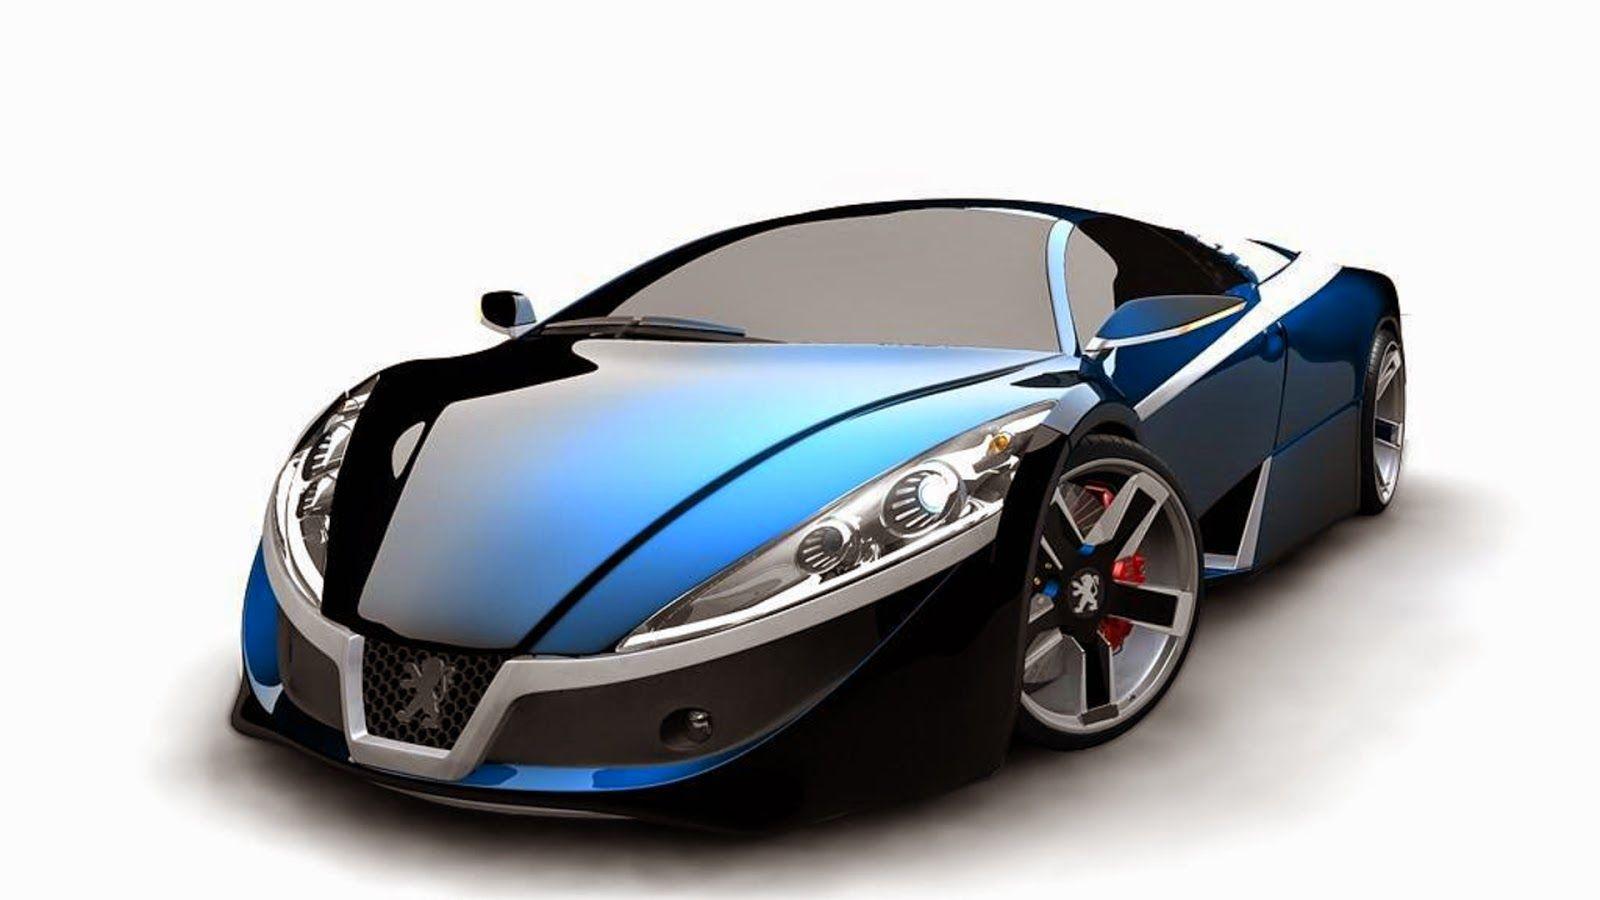 1600x900 2013 ô tô bán chạy nhất trên thế giới, hình nền ô tô HD, hình ảnh ô tô